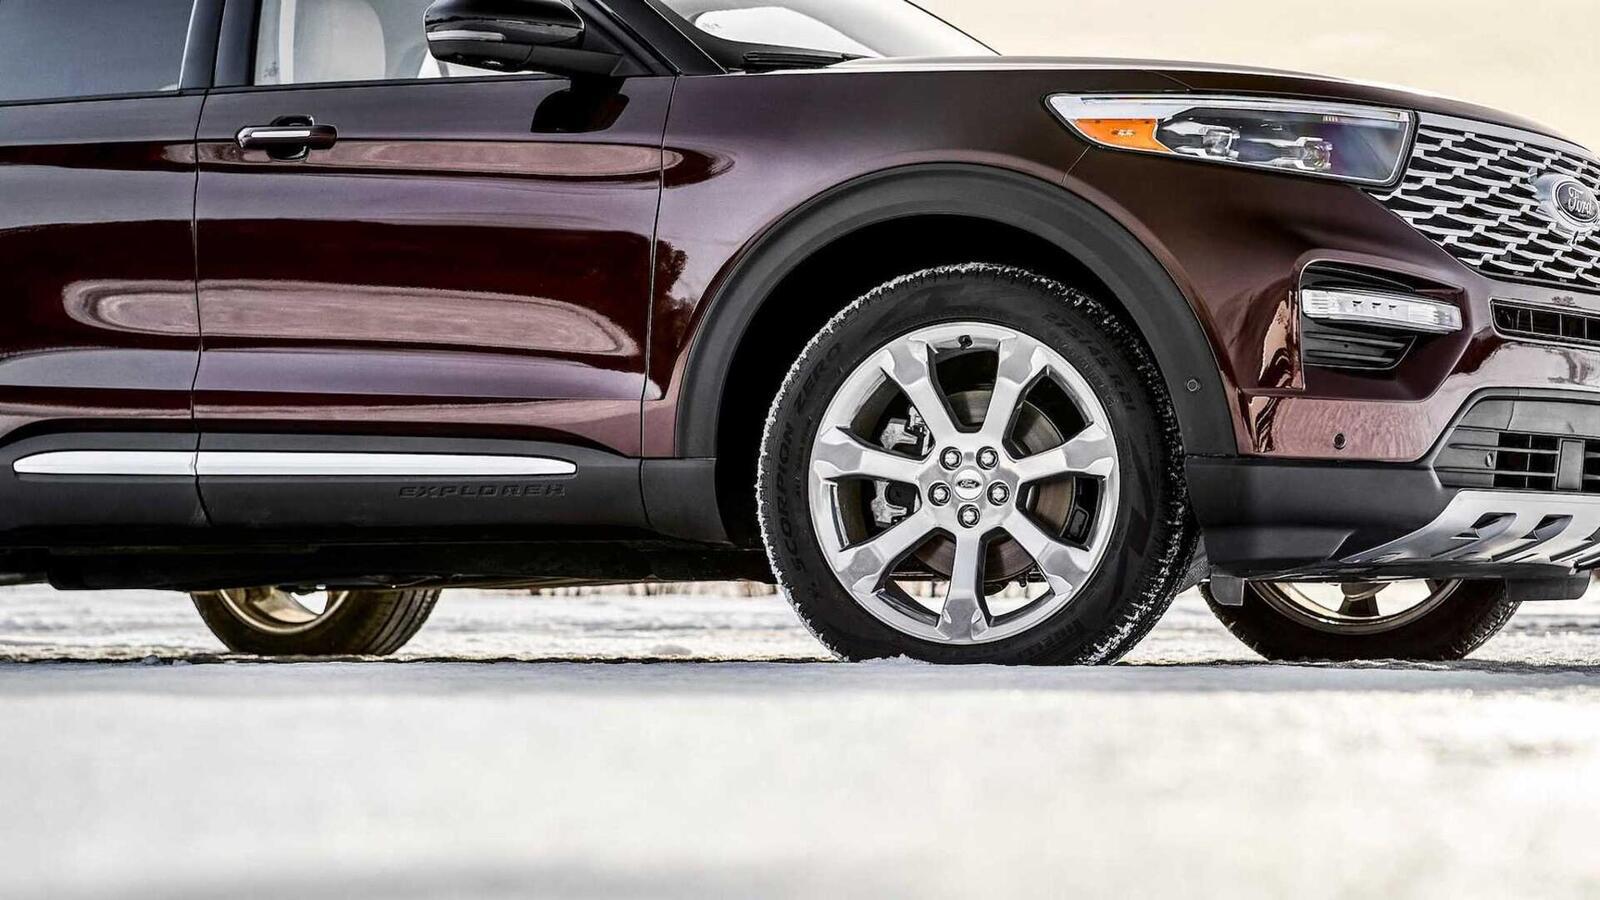 Ford Explorer 2020 thế hệ mới ra mắt; thiết kế mới và cải thiện khả năng vận hành - Hình 19